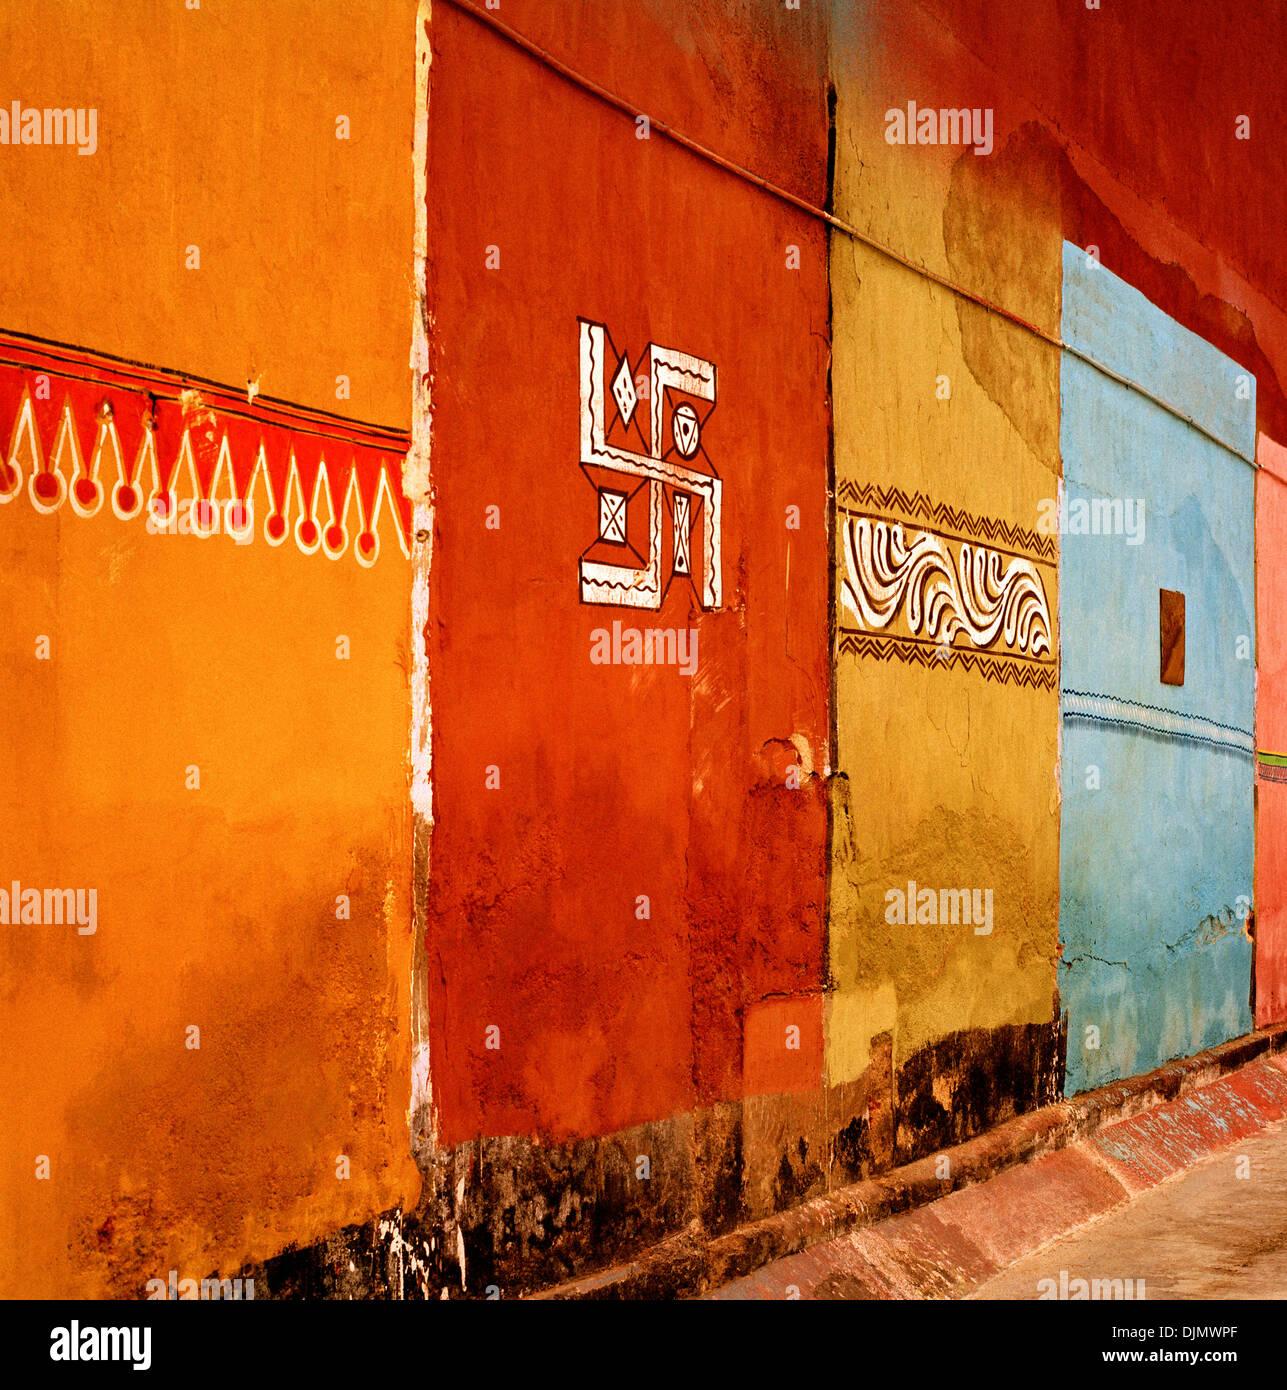 Arte indù in Mattancherry Fort Kochi Cochin in Kerala in India del Sud in Asia. La religione simbolo religioso simbolismo Moghal Mughal Storia Beauty Travel Immagini Stock